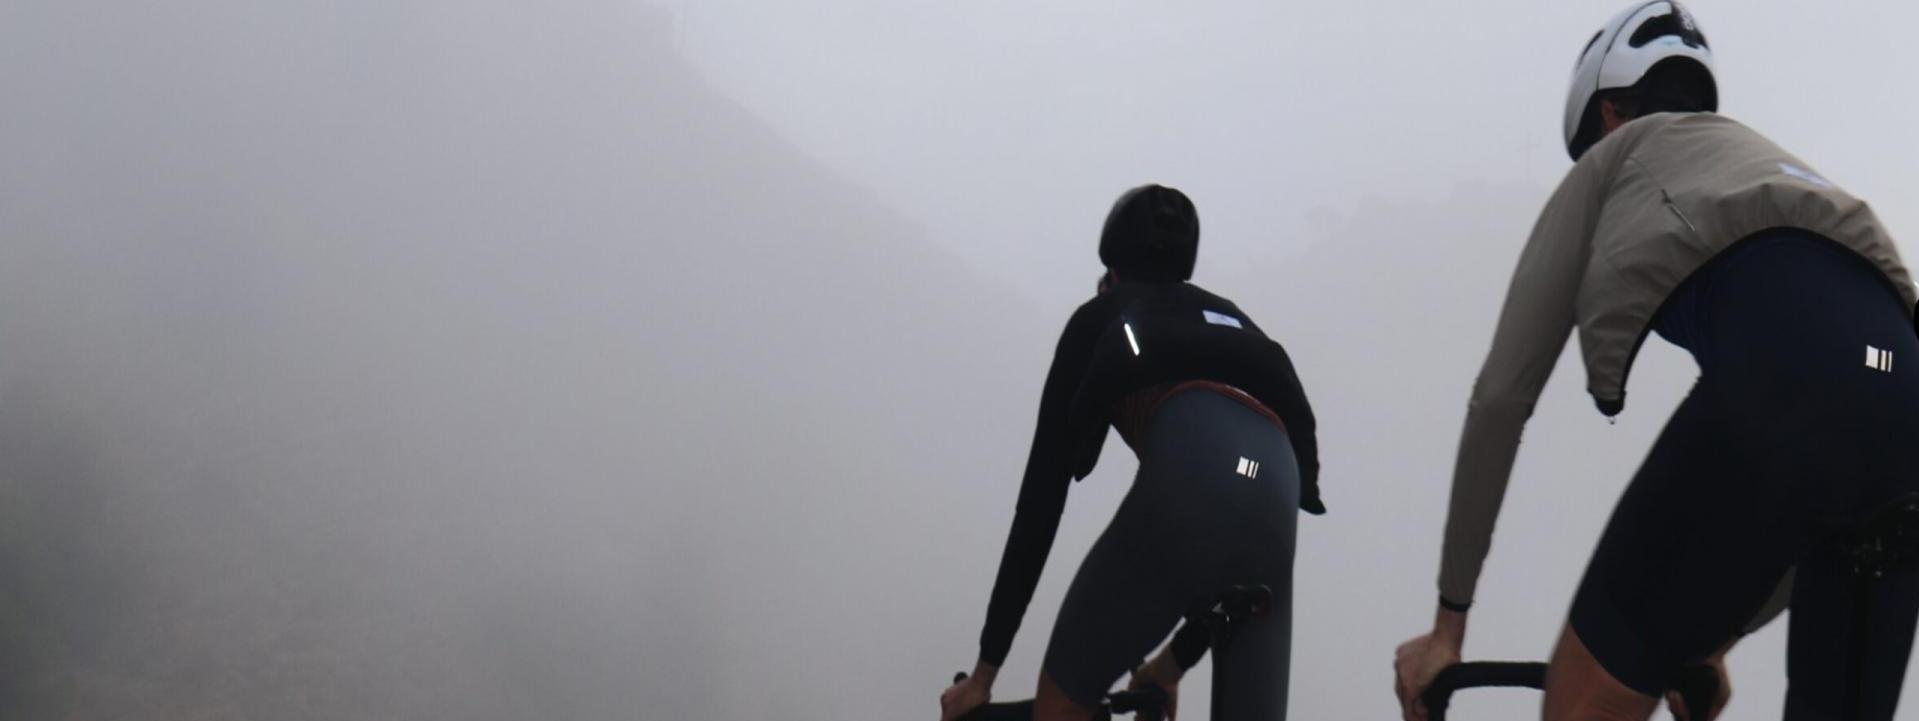 Ciclismo y nieve: consejos sobre bicicletas y frío.